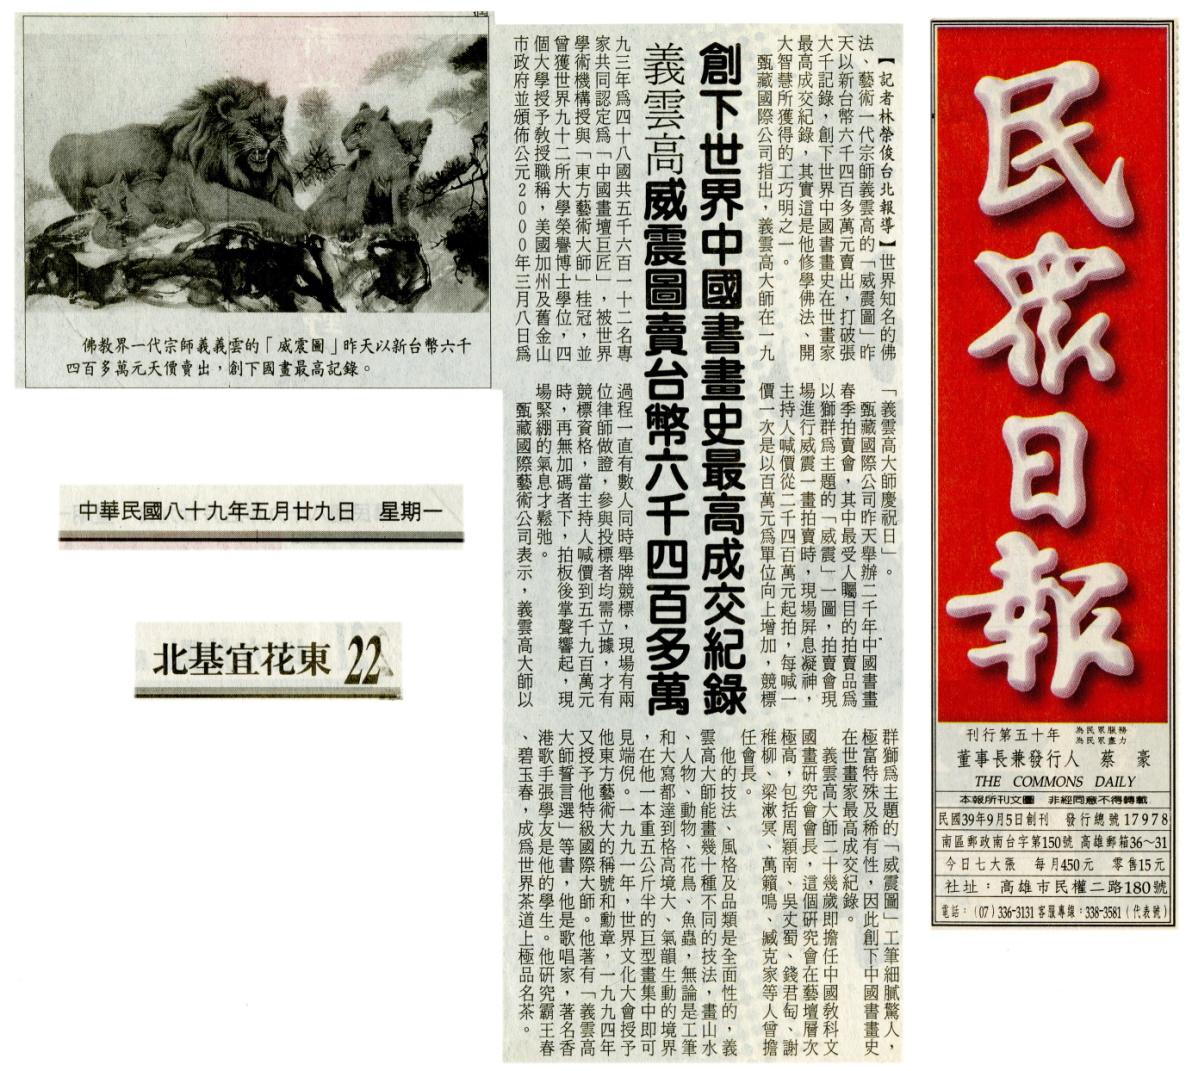 义云高(H.H.第三世多杰羌佛)威震图卖台币六千四百多万